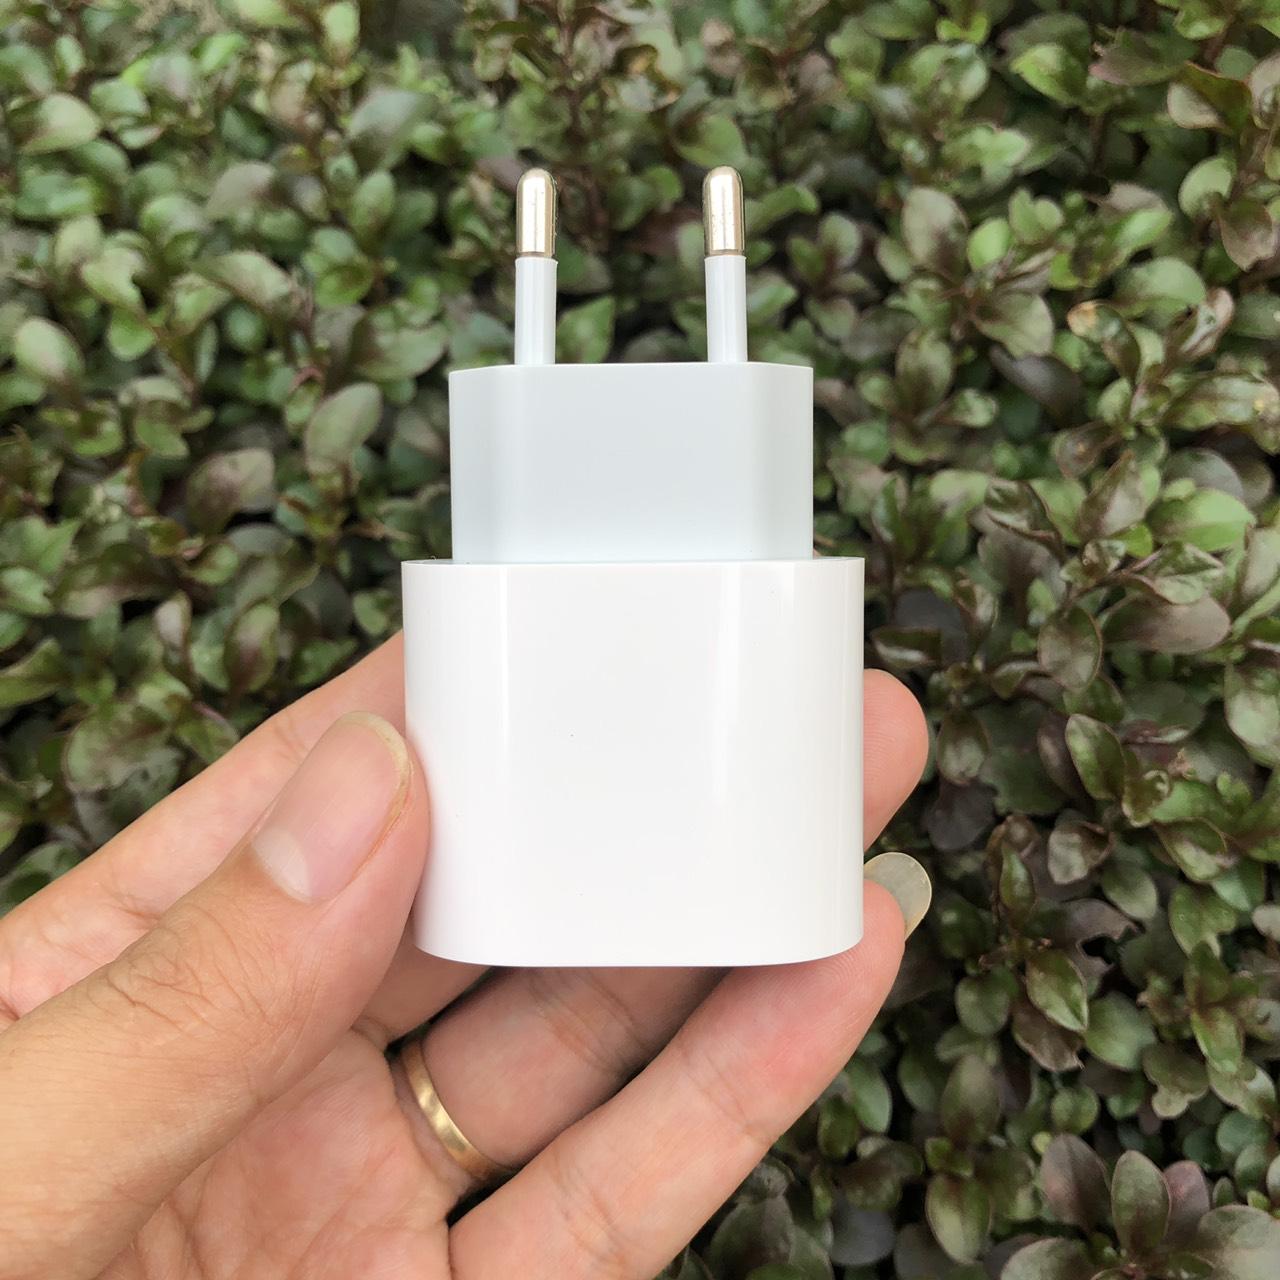 Củ Sạc Nhanh 18W Dành Cho iPhone 12 - 12Max, iPhone 12Pro - 12Pro Max - Chân Tròn